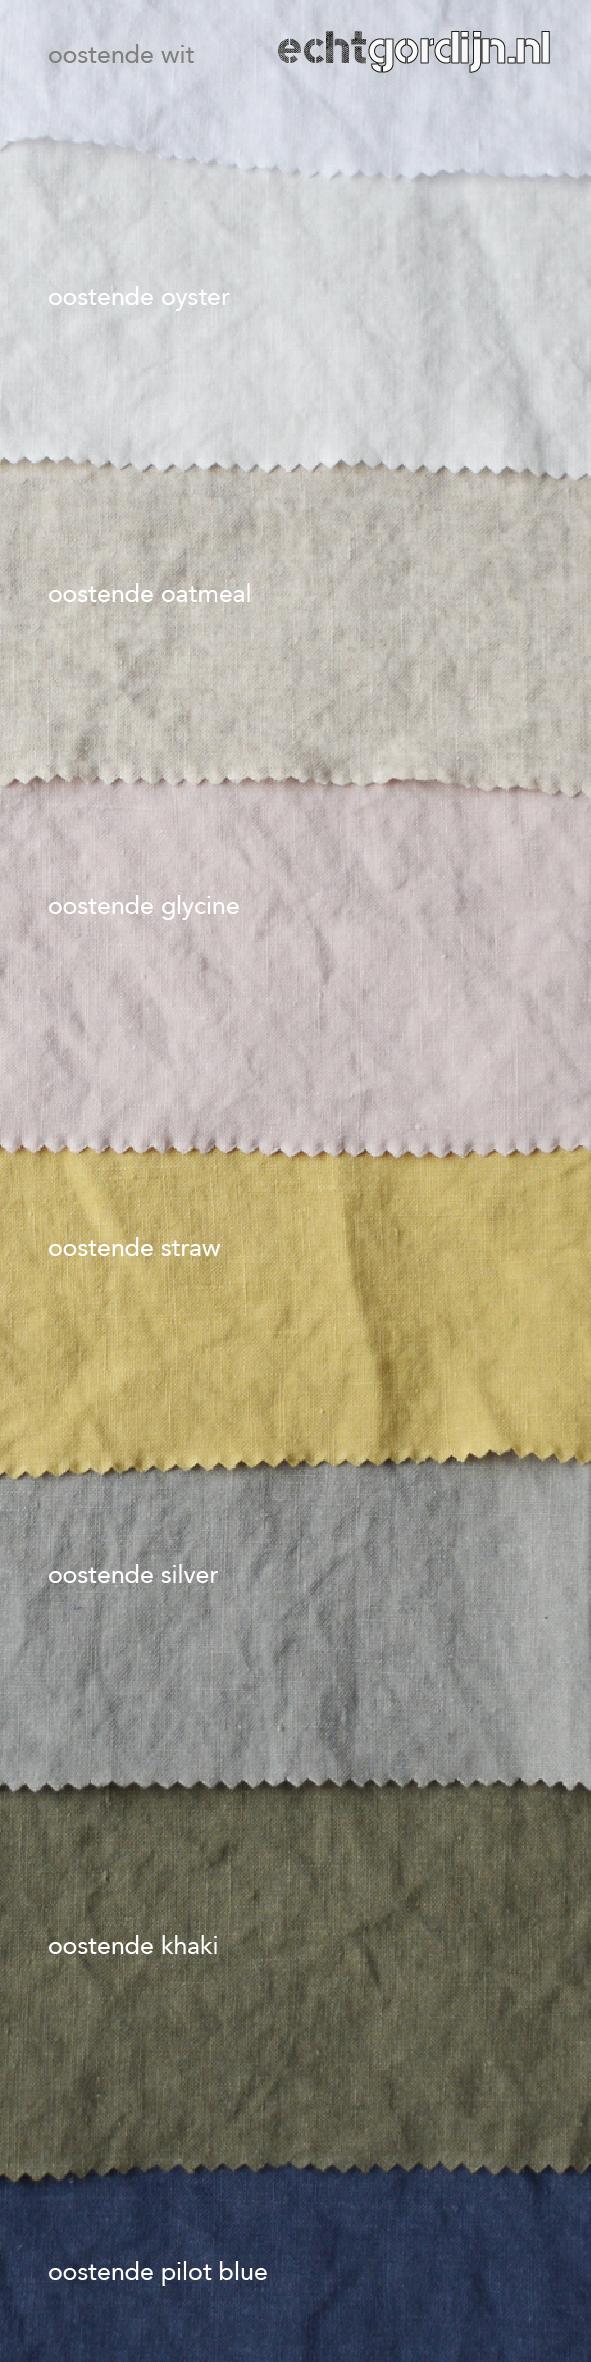 Gordijnen op maat | Linens and House